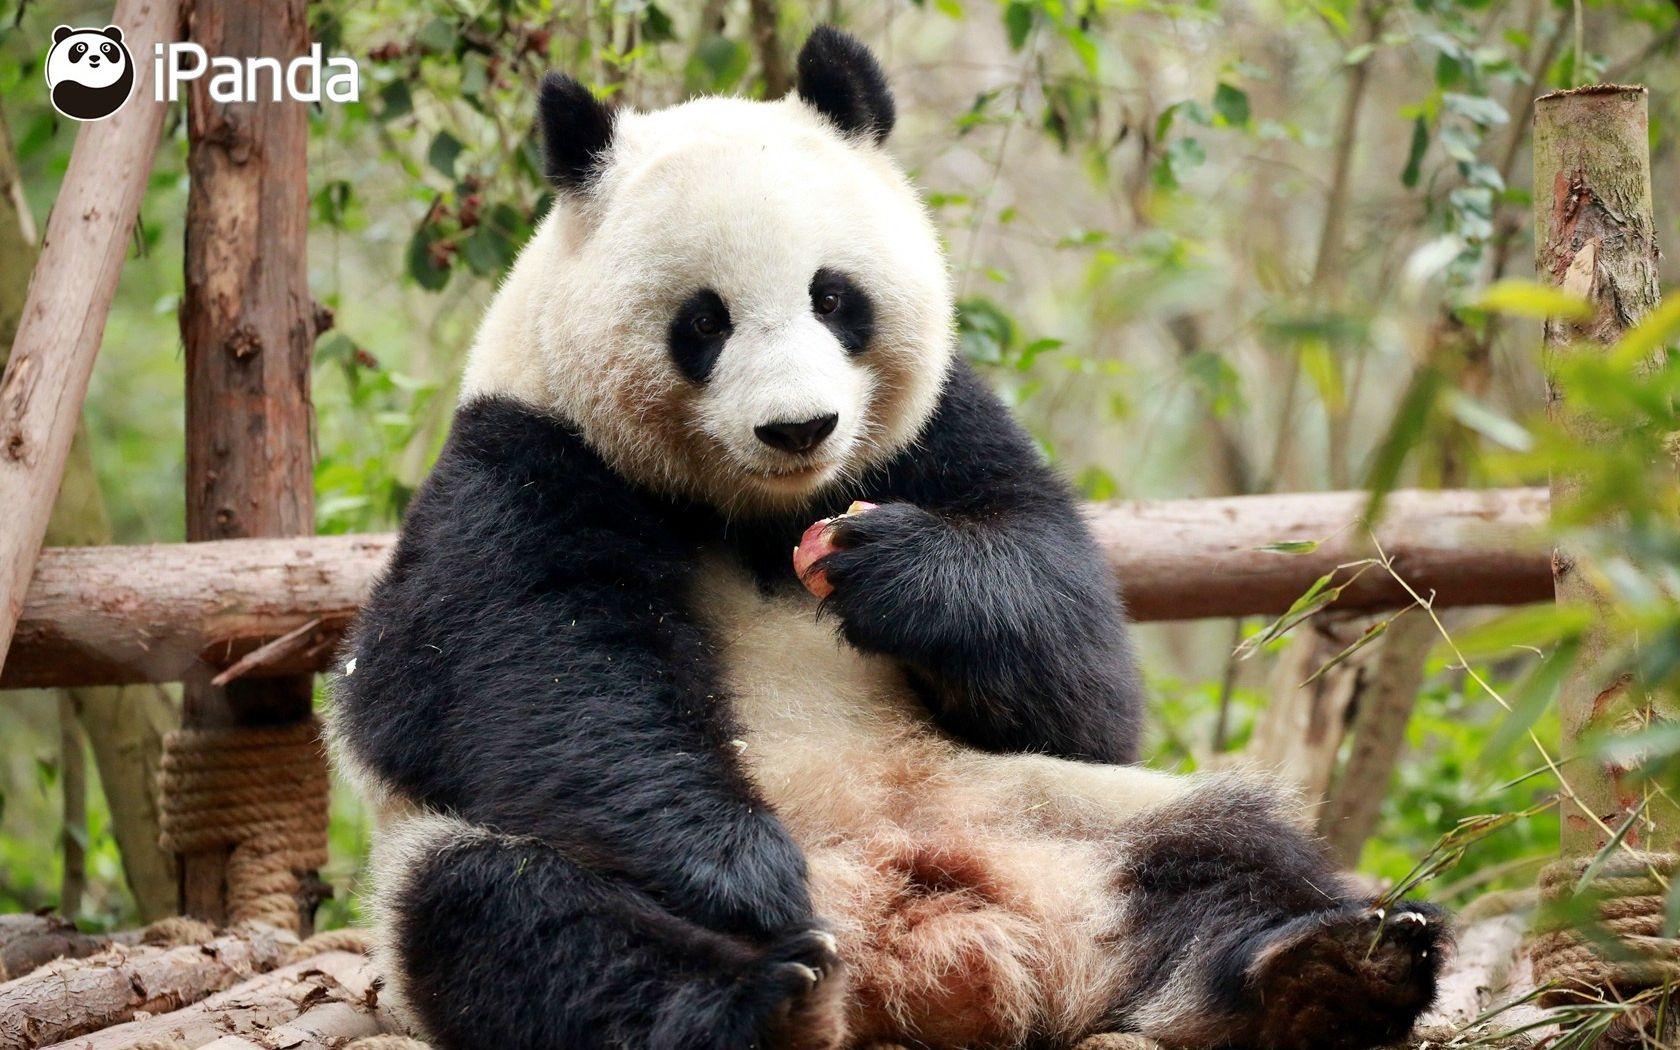 壁纸 大熊猫 动物 1680_1050